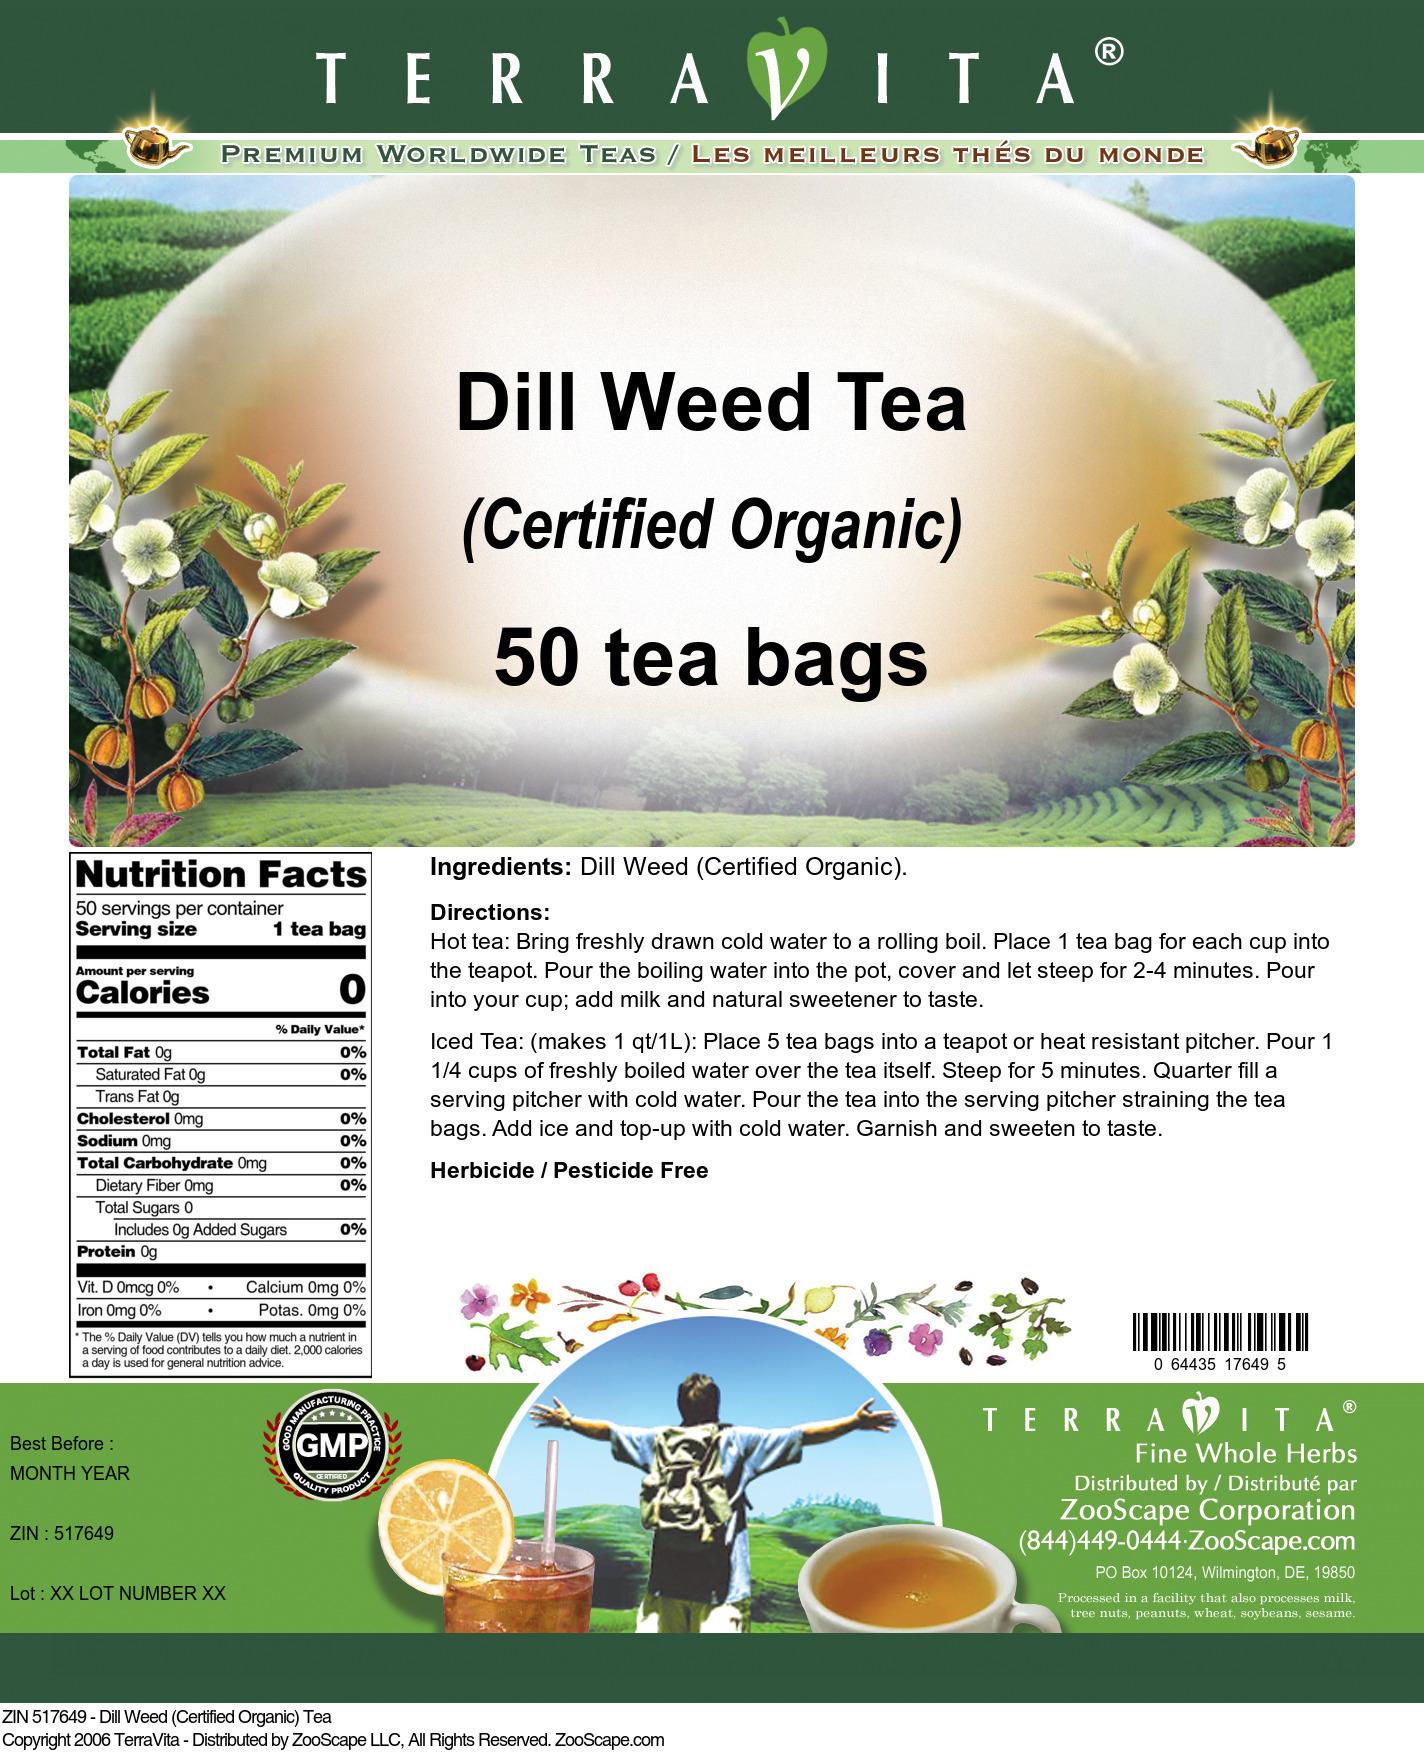 Dill Weed (Certified Organic) Tea